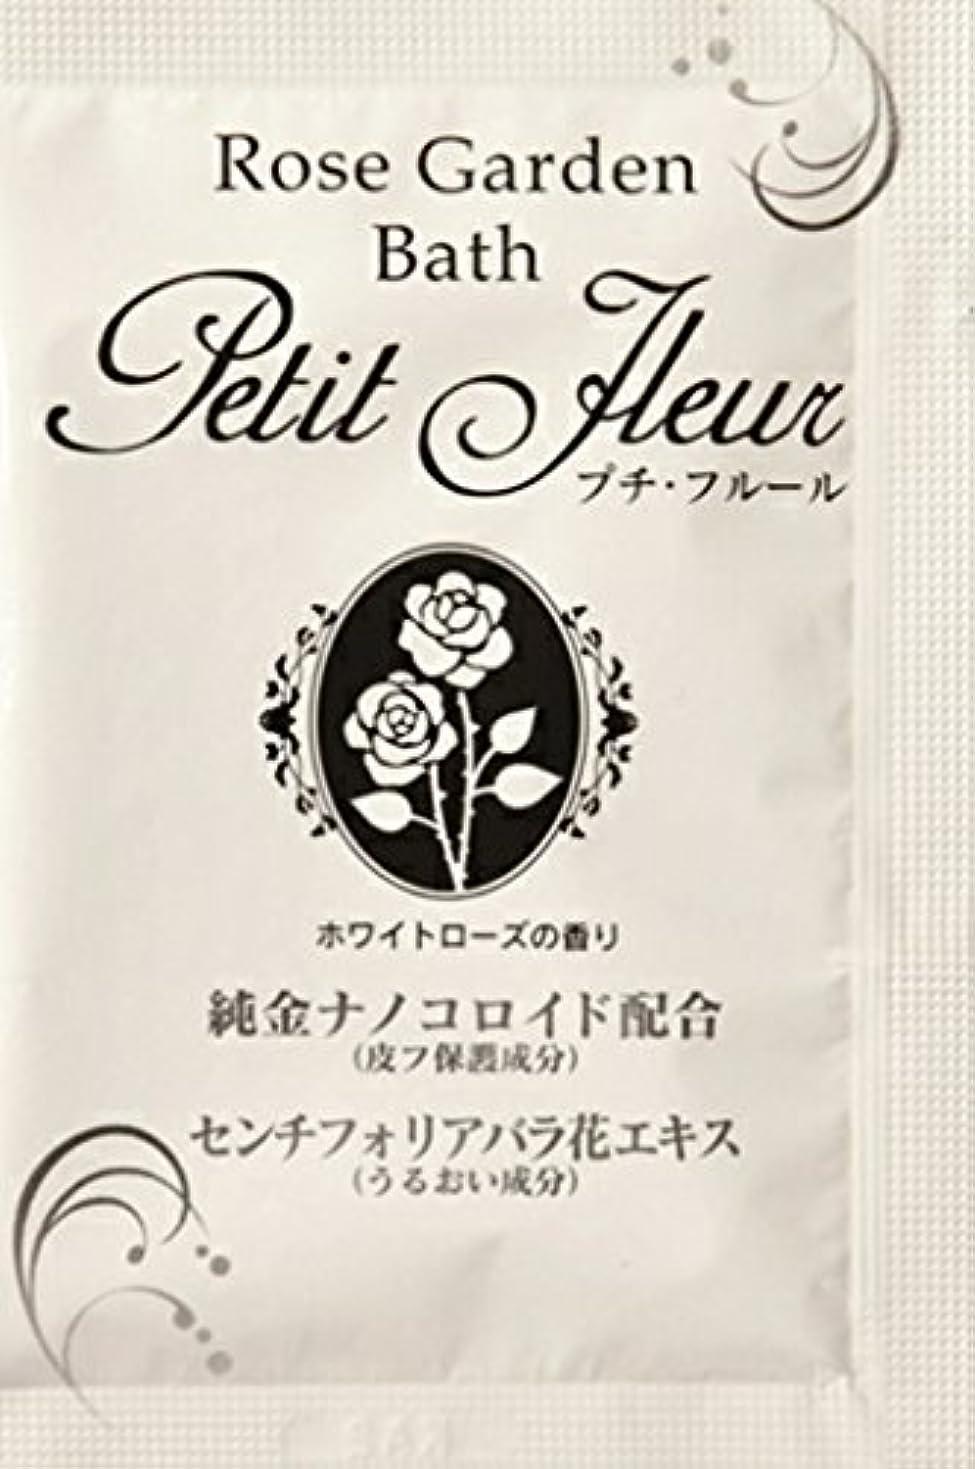 塩辛いアレキサンダーグラハムベル寄生虫入浴剤 プチフル-ル(ホワイトロ-ズの香り)20g